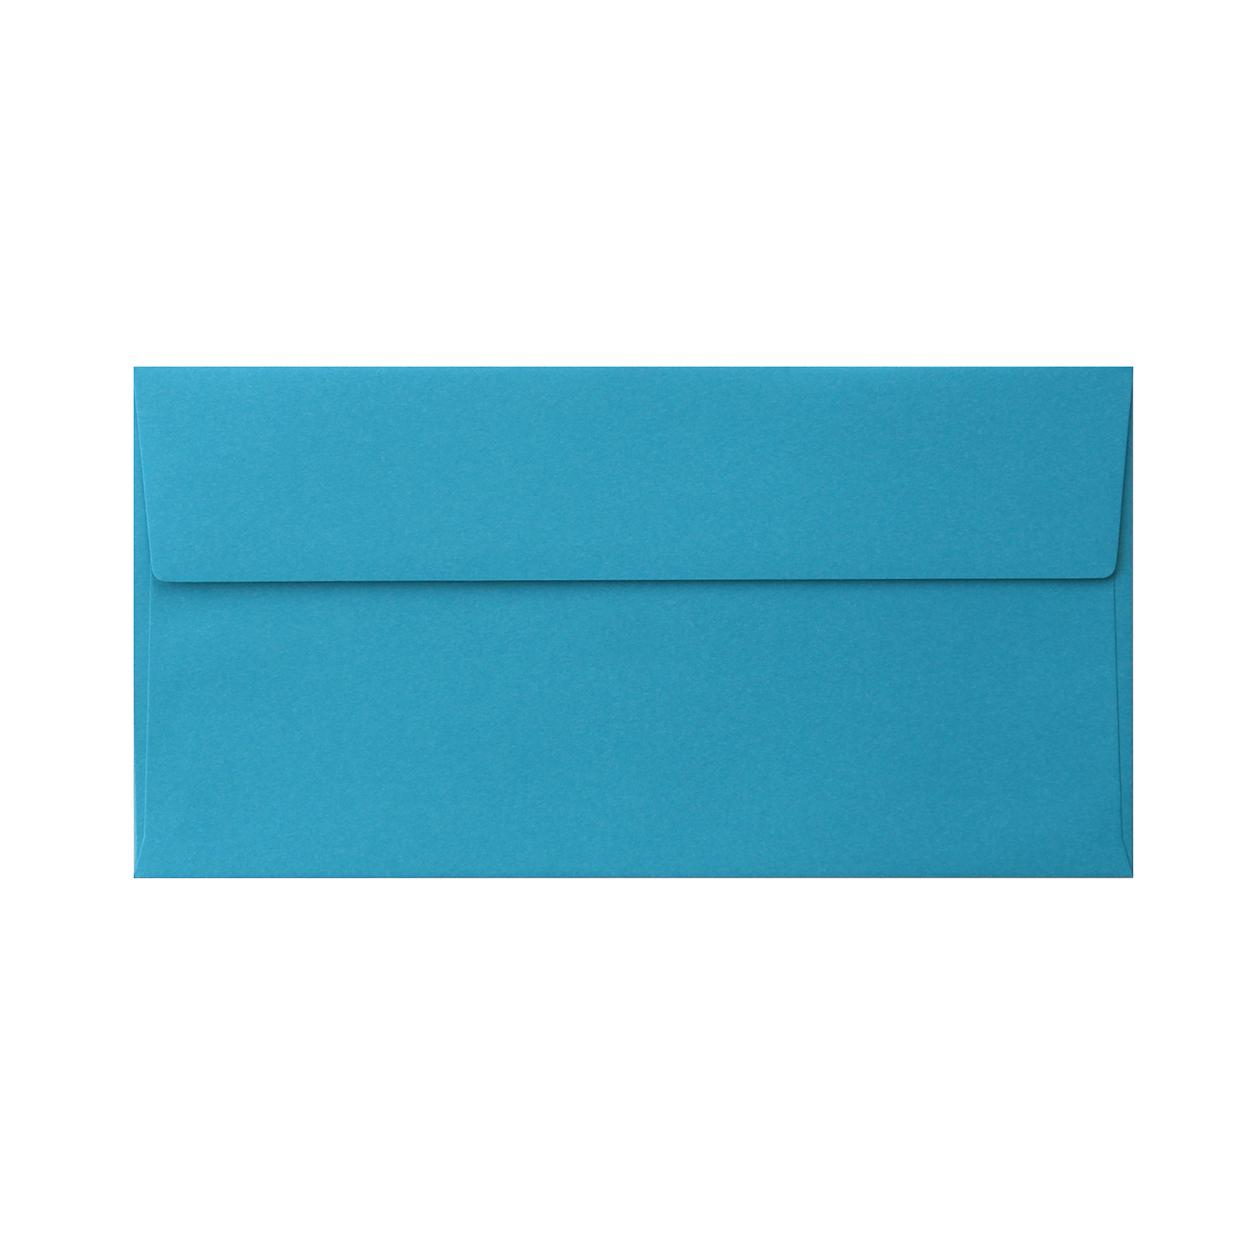 長3カマス封筒 コットン(NTラシャ) るり 116.3g